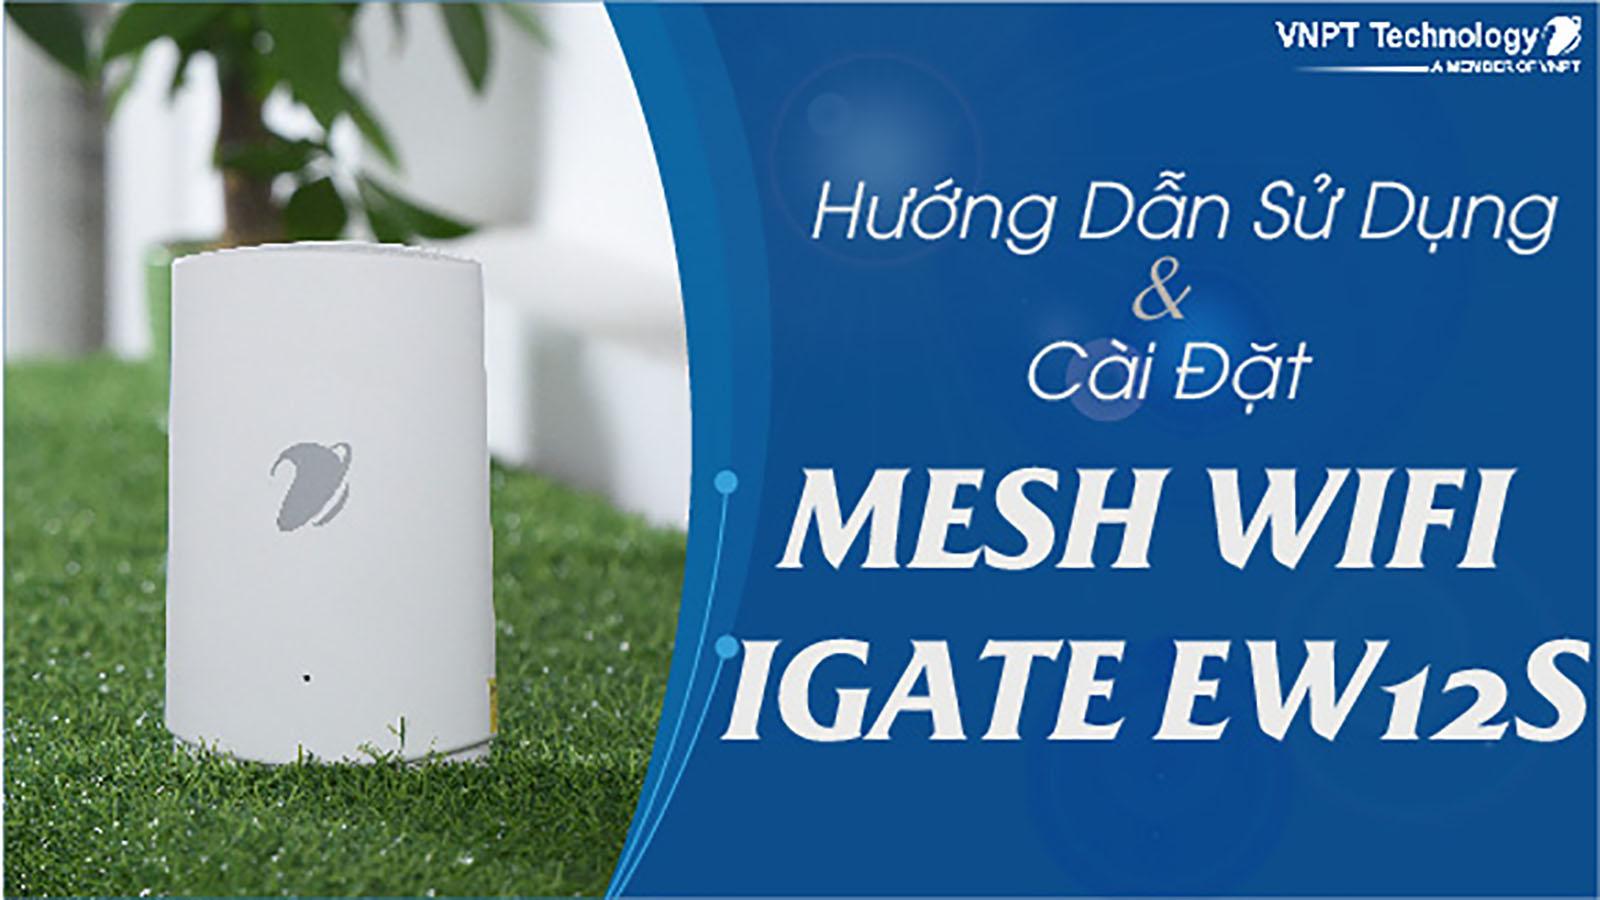 Hướng dẫn sử dụng và cài đặt nhanh Mesh Wifi iGate EW12S